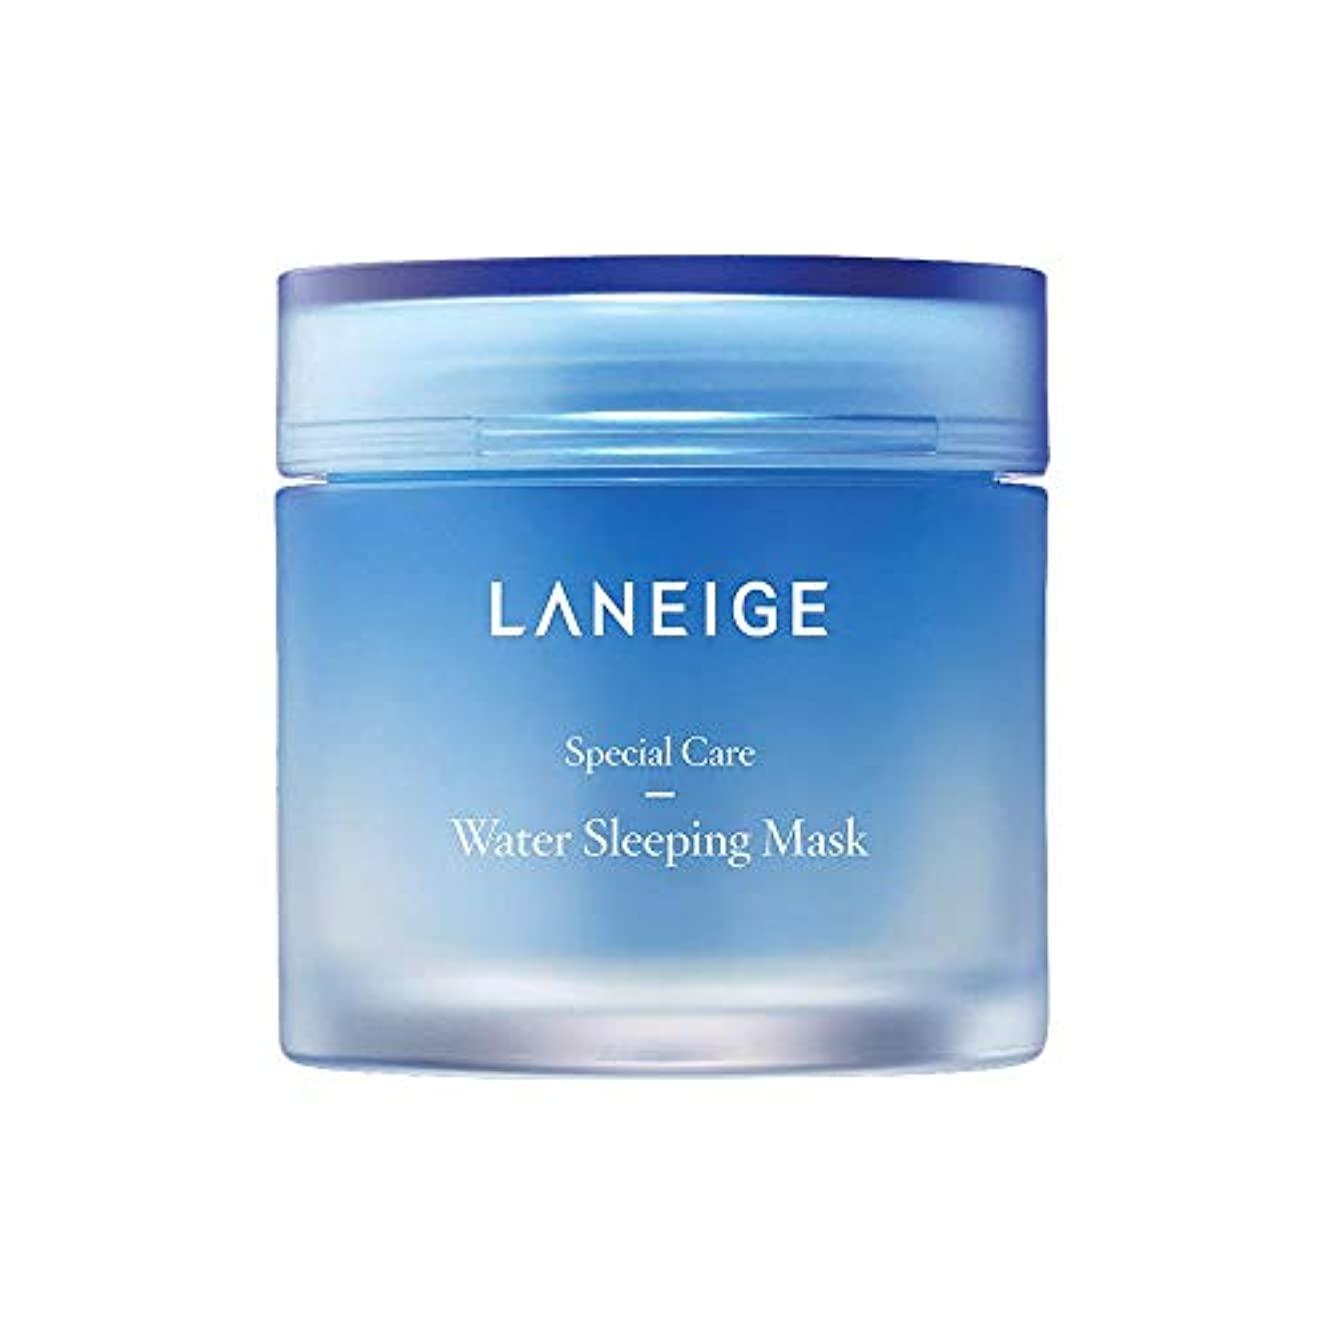 負荷うん身元Water Sleeping Mask 70ml/ウォーター スリーピング マスク 70ml [50個限定!人気商品のサンプルプレゼント!]